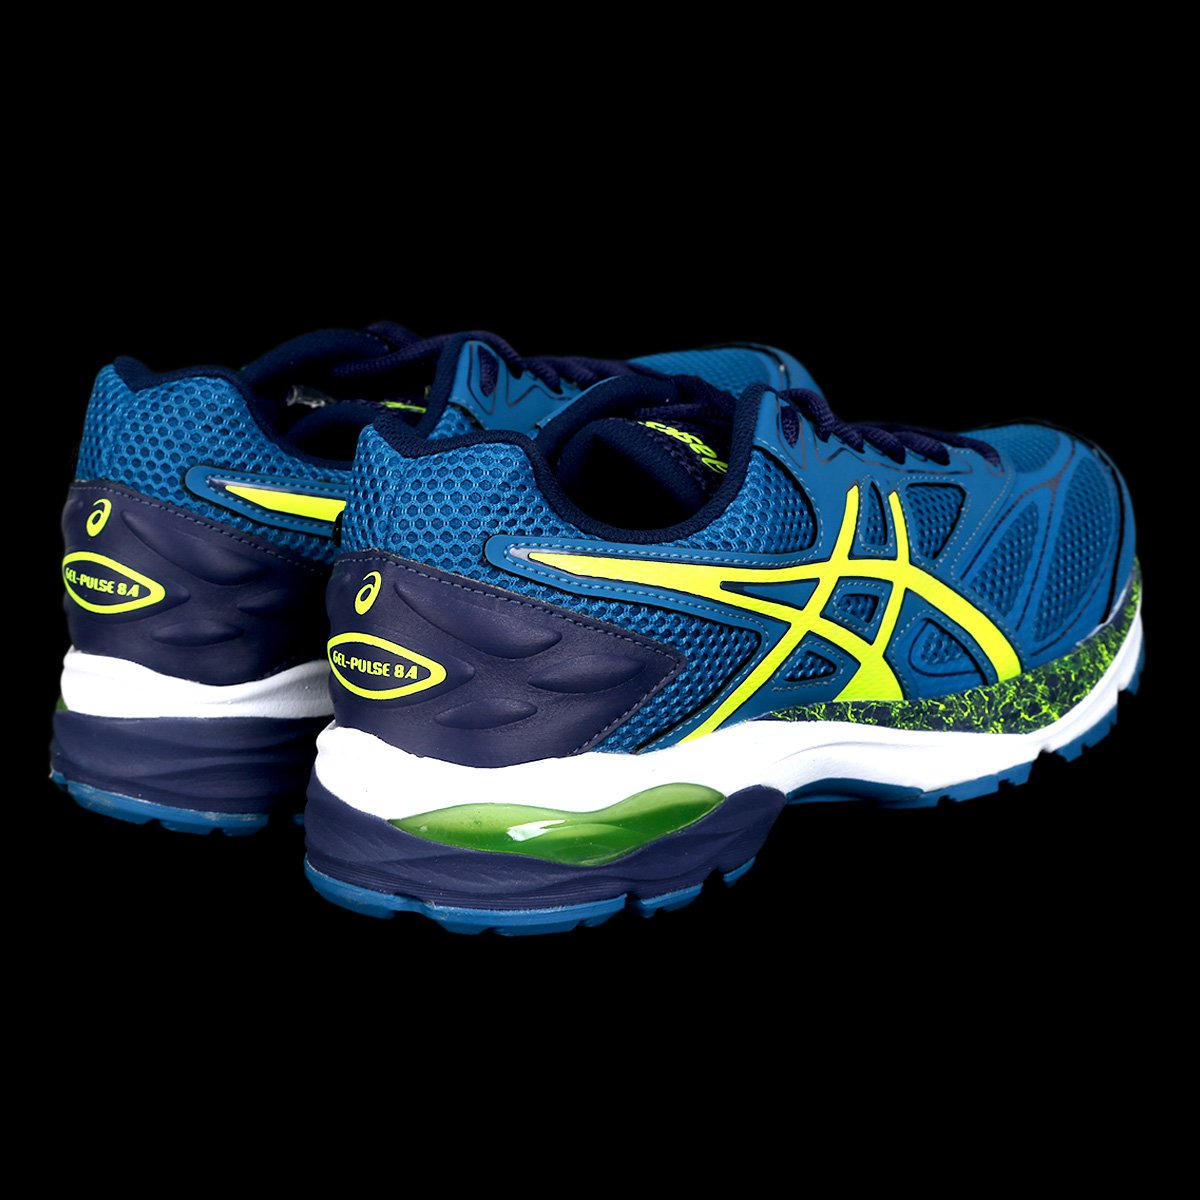 ... Tênis Asics Gel Pulse 8 A Masculino - Azul e amarelo - Compre Agora . 18593e2b0c43e